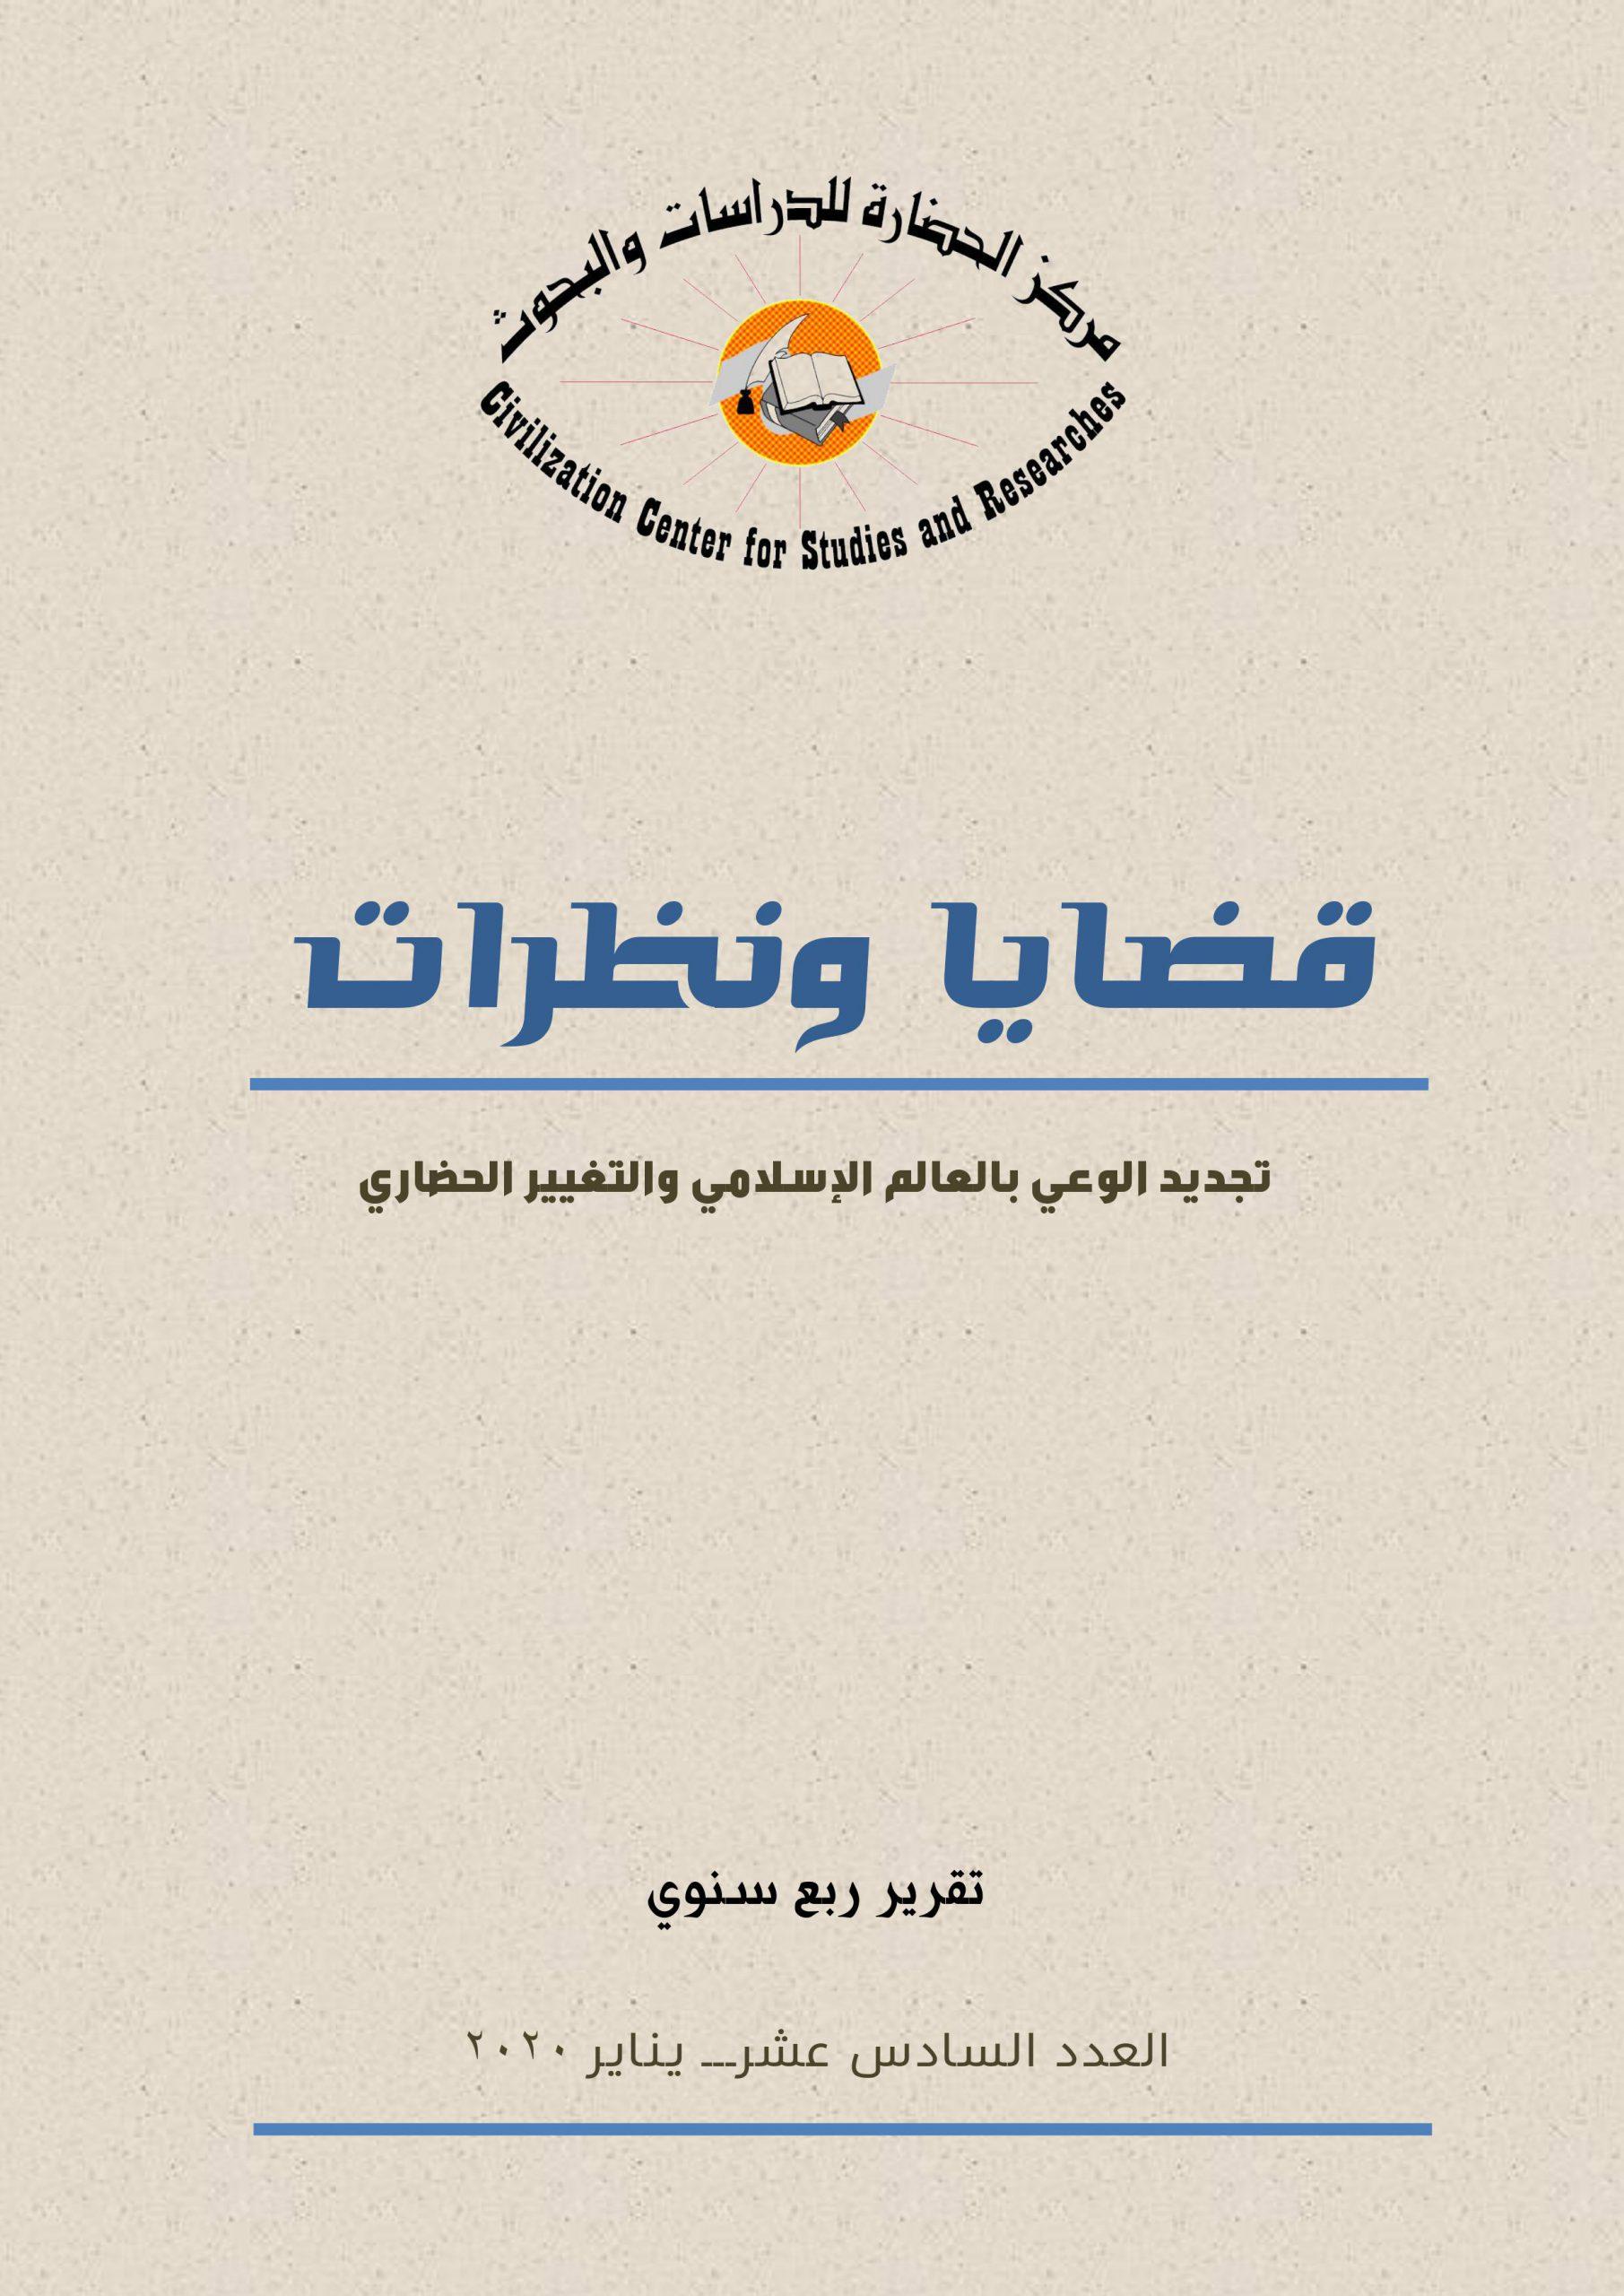 العدد السادس عشر من فصلية قضايا ونظرات: تطور الأوضاع السياسية والعسكرية في المنطقة العربية